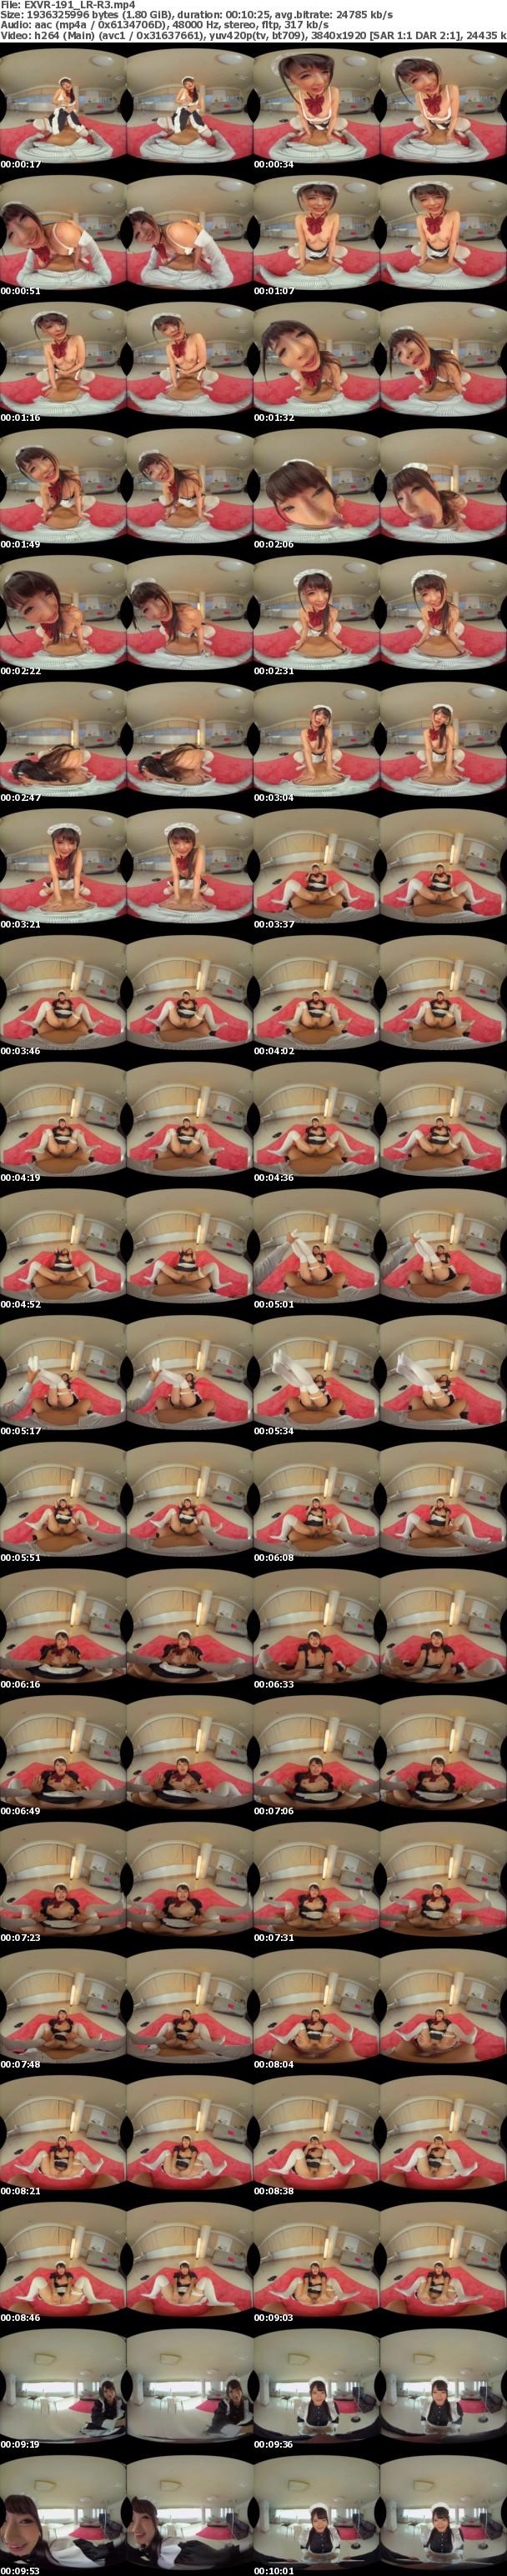 VR/3D EXVR-191 【超高画質版】美少女メイドに好きなだけ中出しできる 会員限定 貸切メイド喫茶 波木はるか